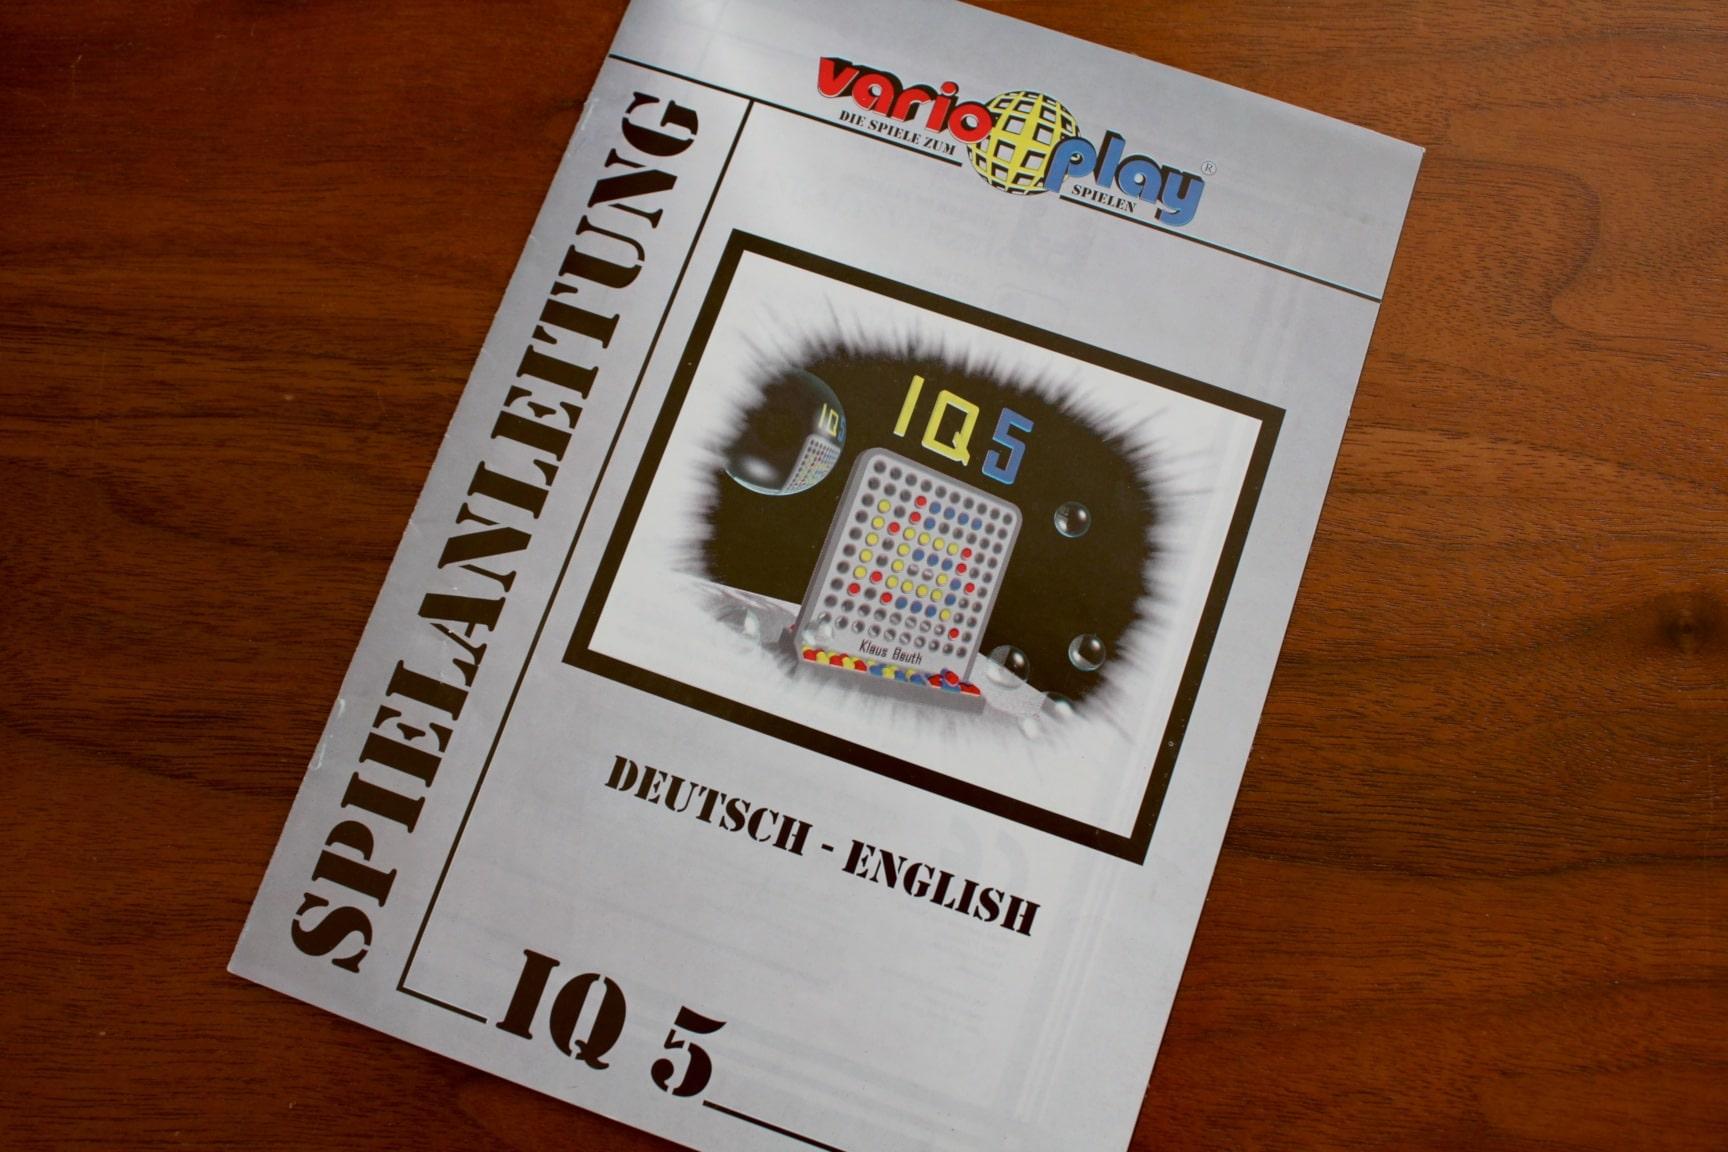 ボードゲーム「IQ5」のルールブック